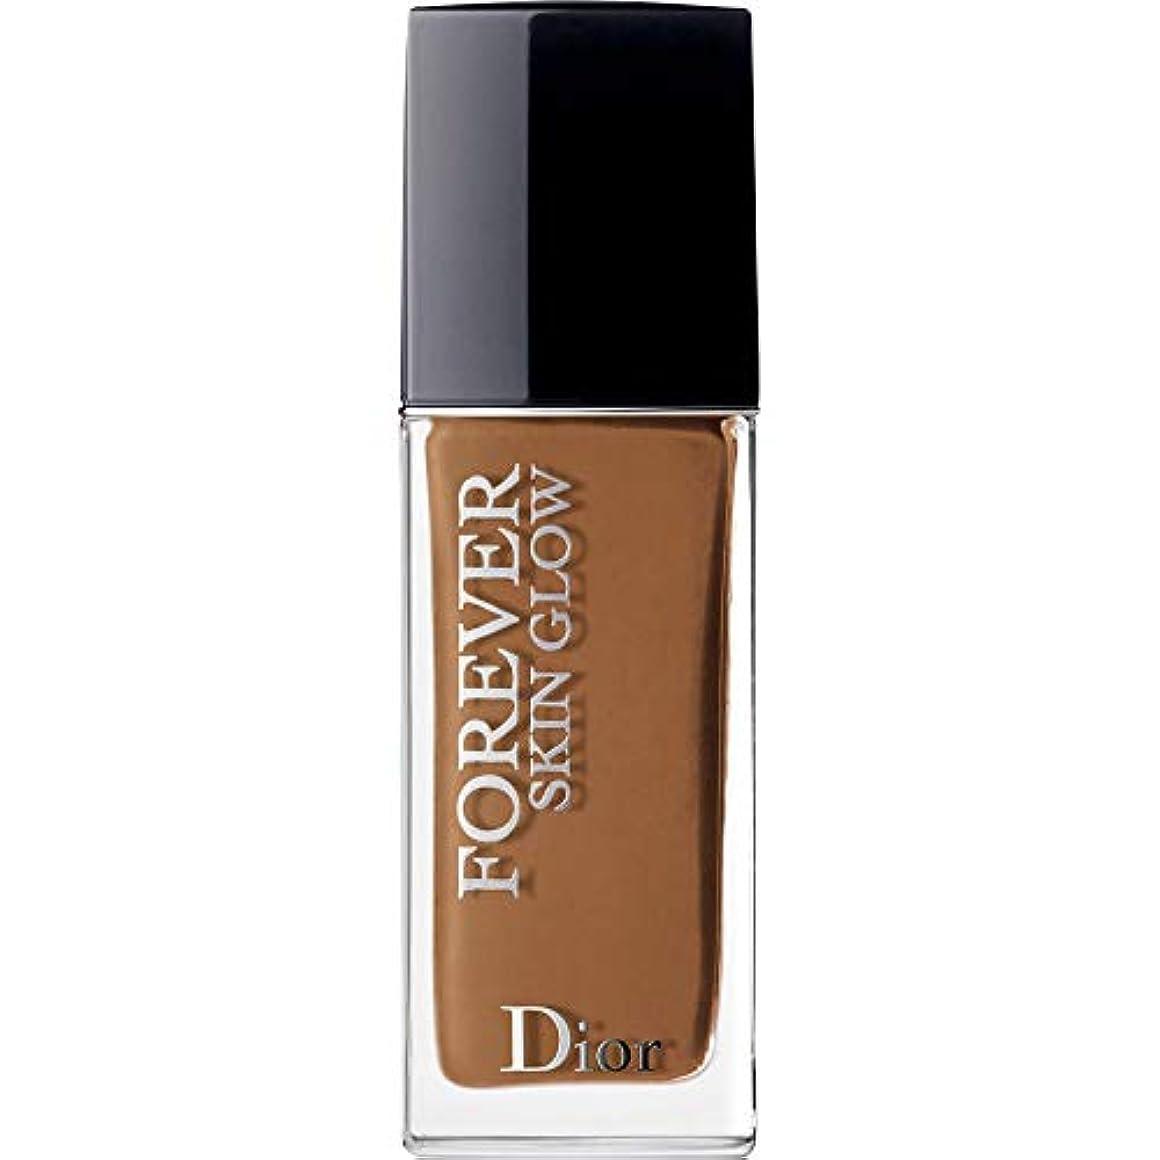 意気込み市場レスリング[Dior ] ディオール永遠に皮膚グロー皮膚思いやりの基礎Spf35 30ミリリットルの7N - ニュートラル(肌の輝き) - DIOR Forever Skin Glow Skin-Caring Foundation SPF35 30ml 7N - Neutral (Skin Glow) [並行輸入品]